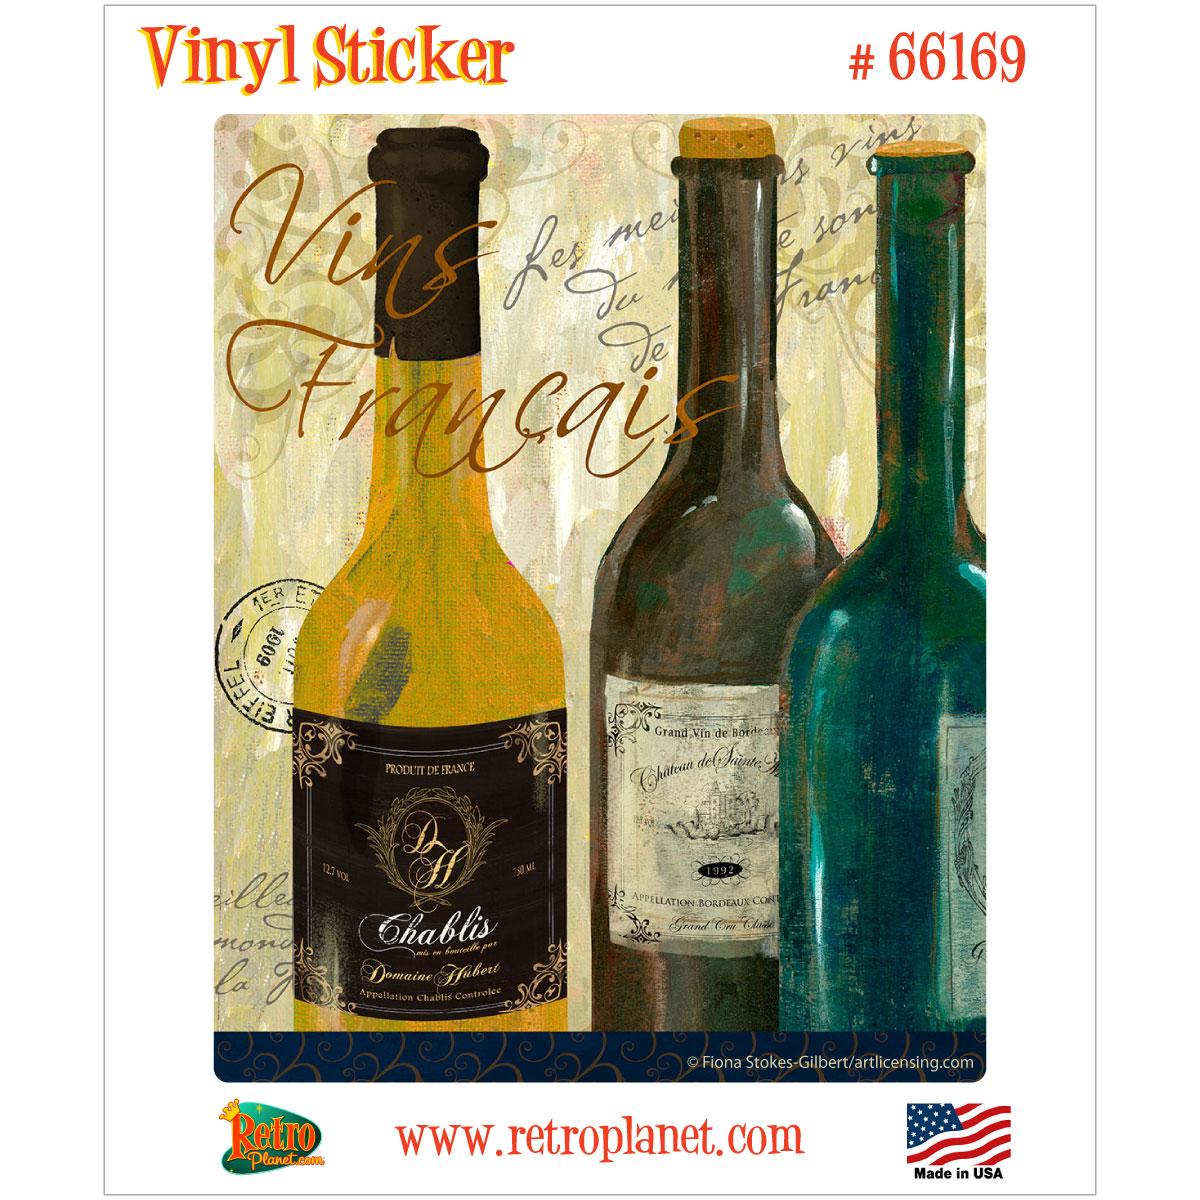 Vins de France Wine Bottles Vinyl Sticker Vintage Style Decal ...